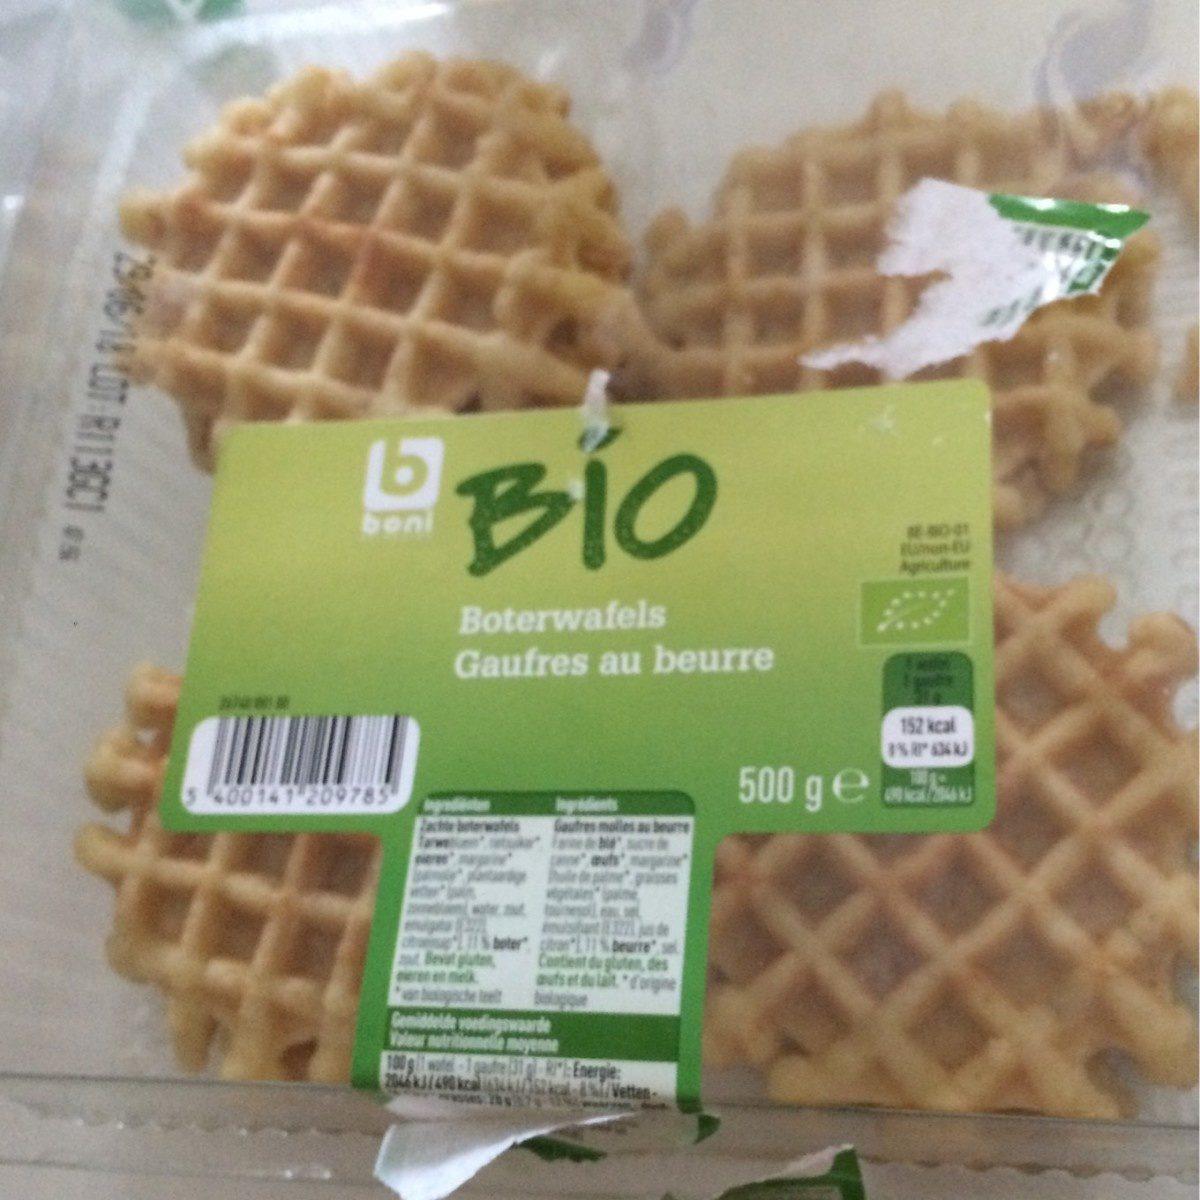 Gaufres au beurre - Bio - Product